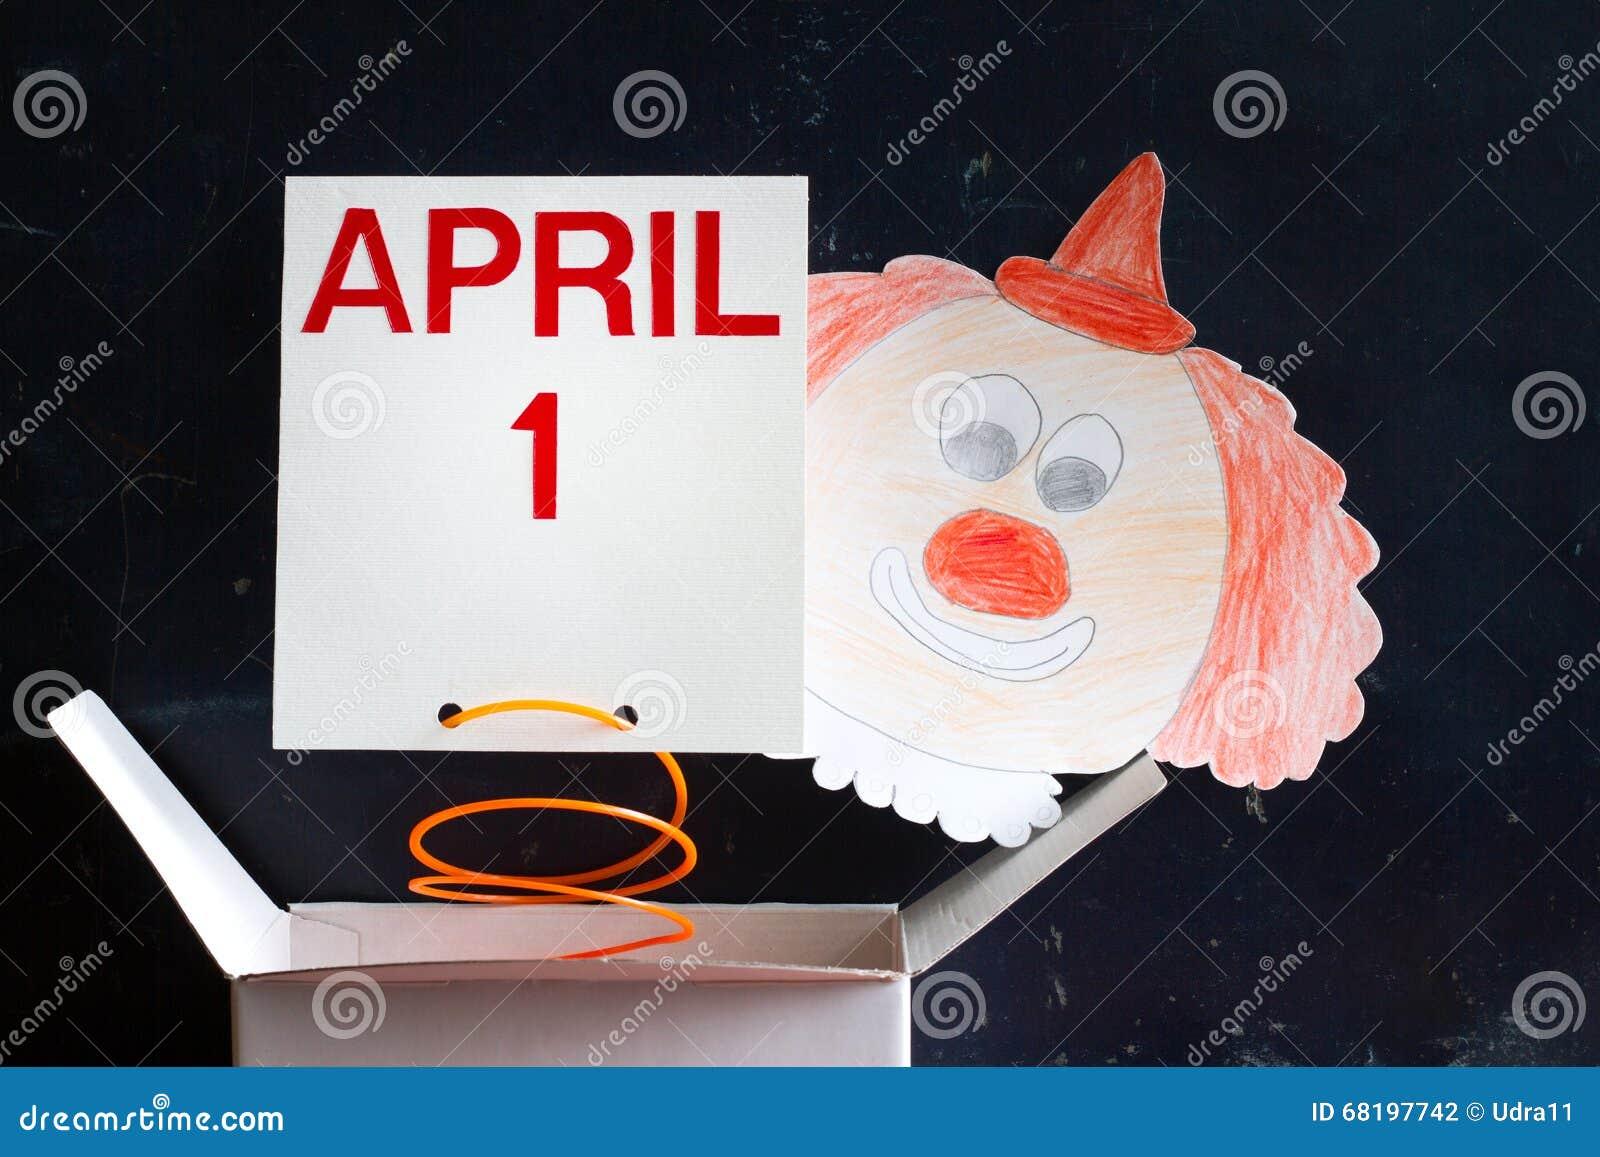 Aprilscherztagessymbolkonzept mit Clown